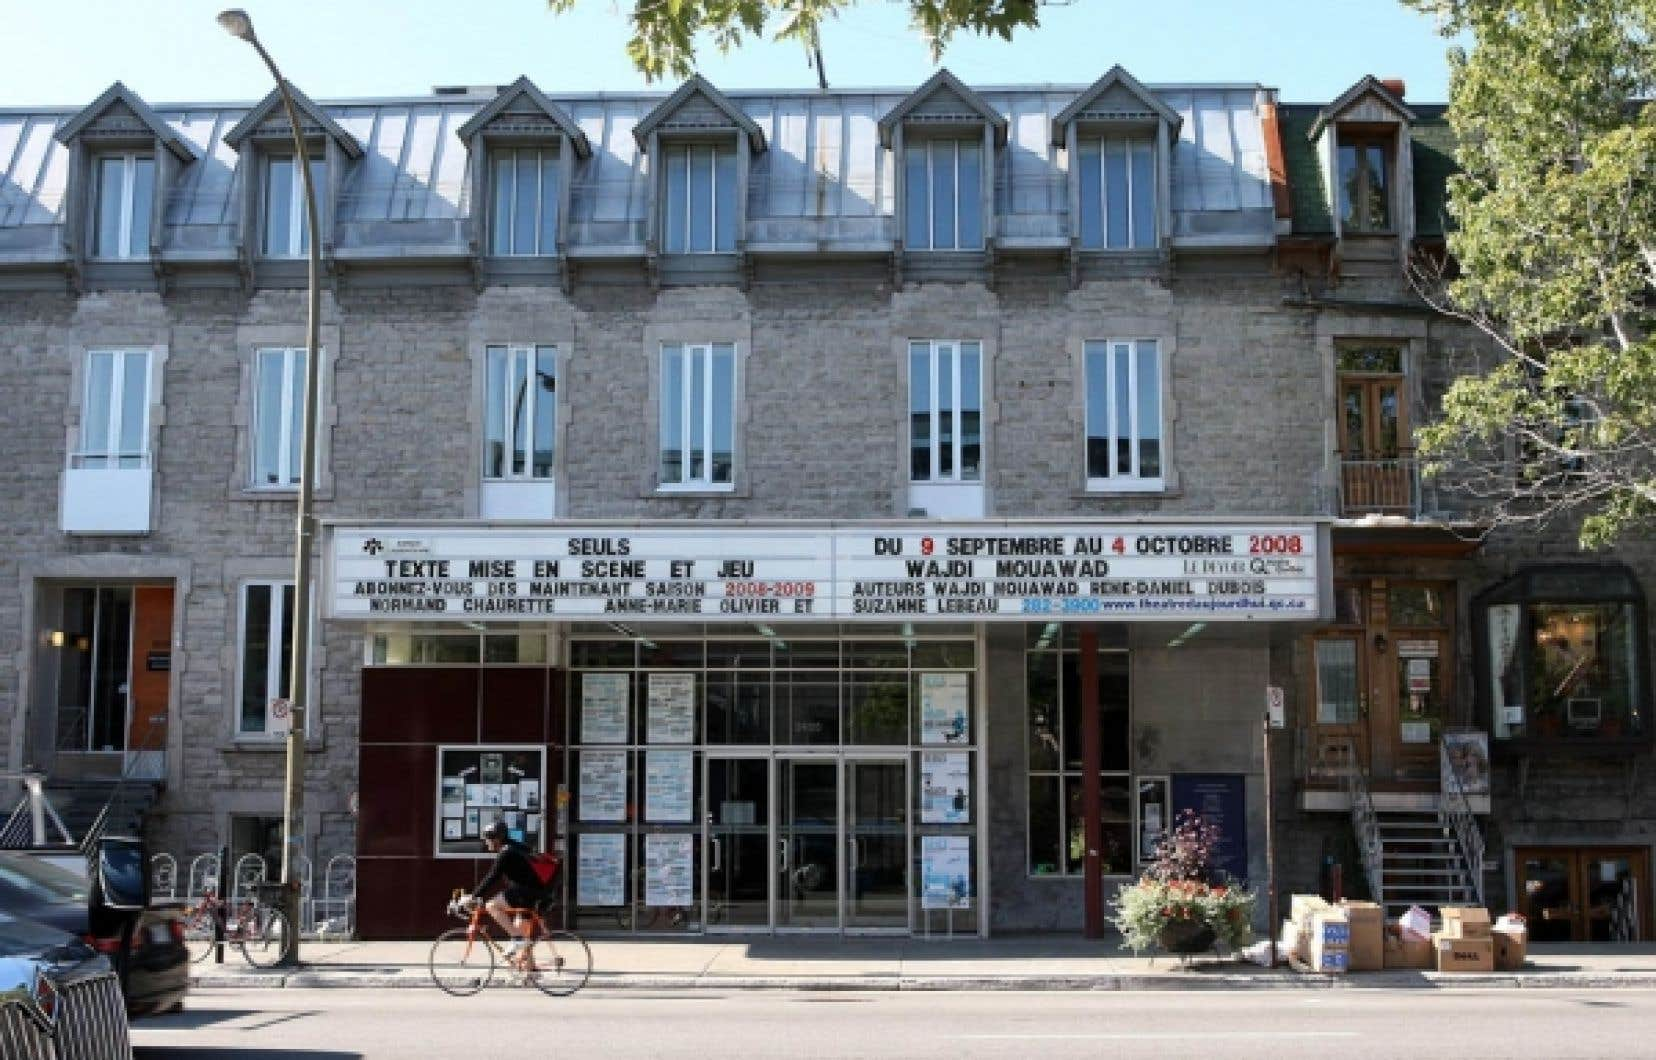 Le théâtre de la rue Saint-Denis fera peau neuve pour sa nouvelle saison, qui sera quelque peu retardée en raison de travaux  de rénovation.